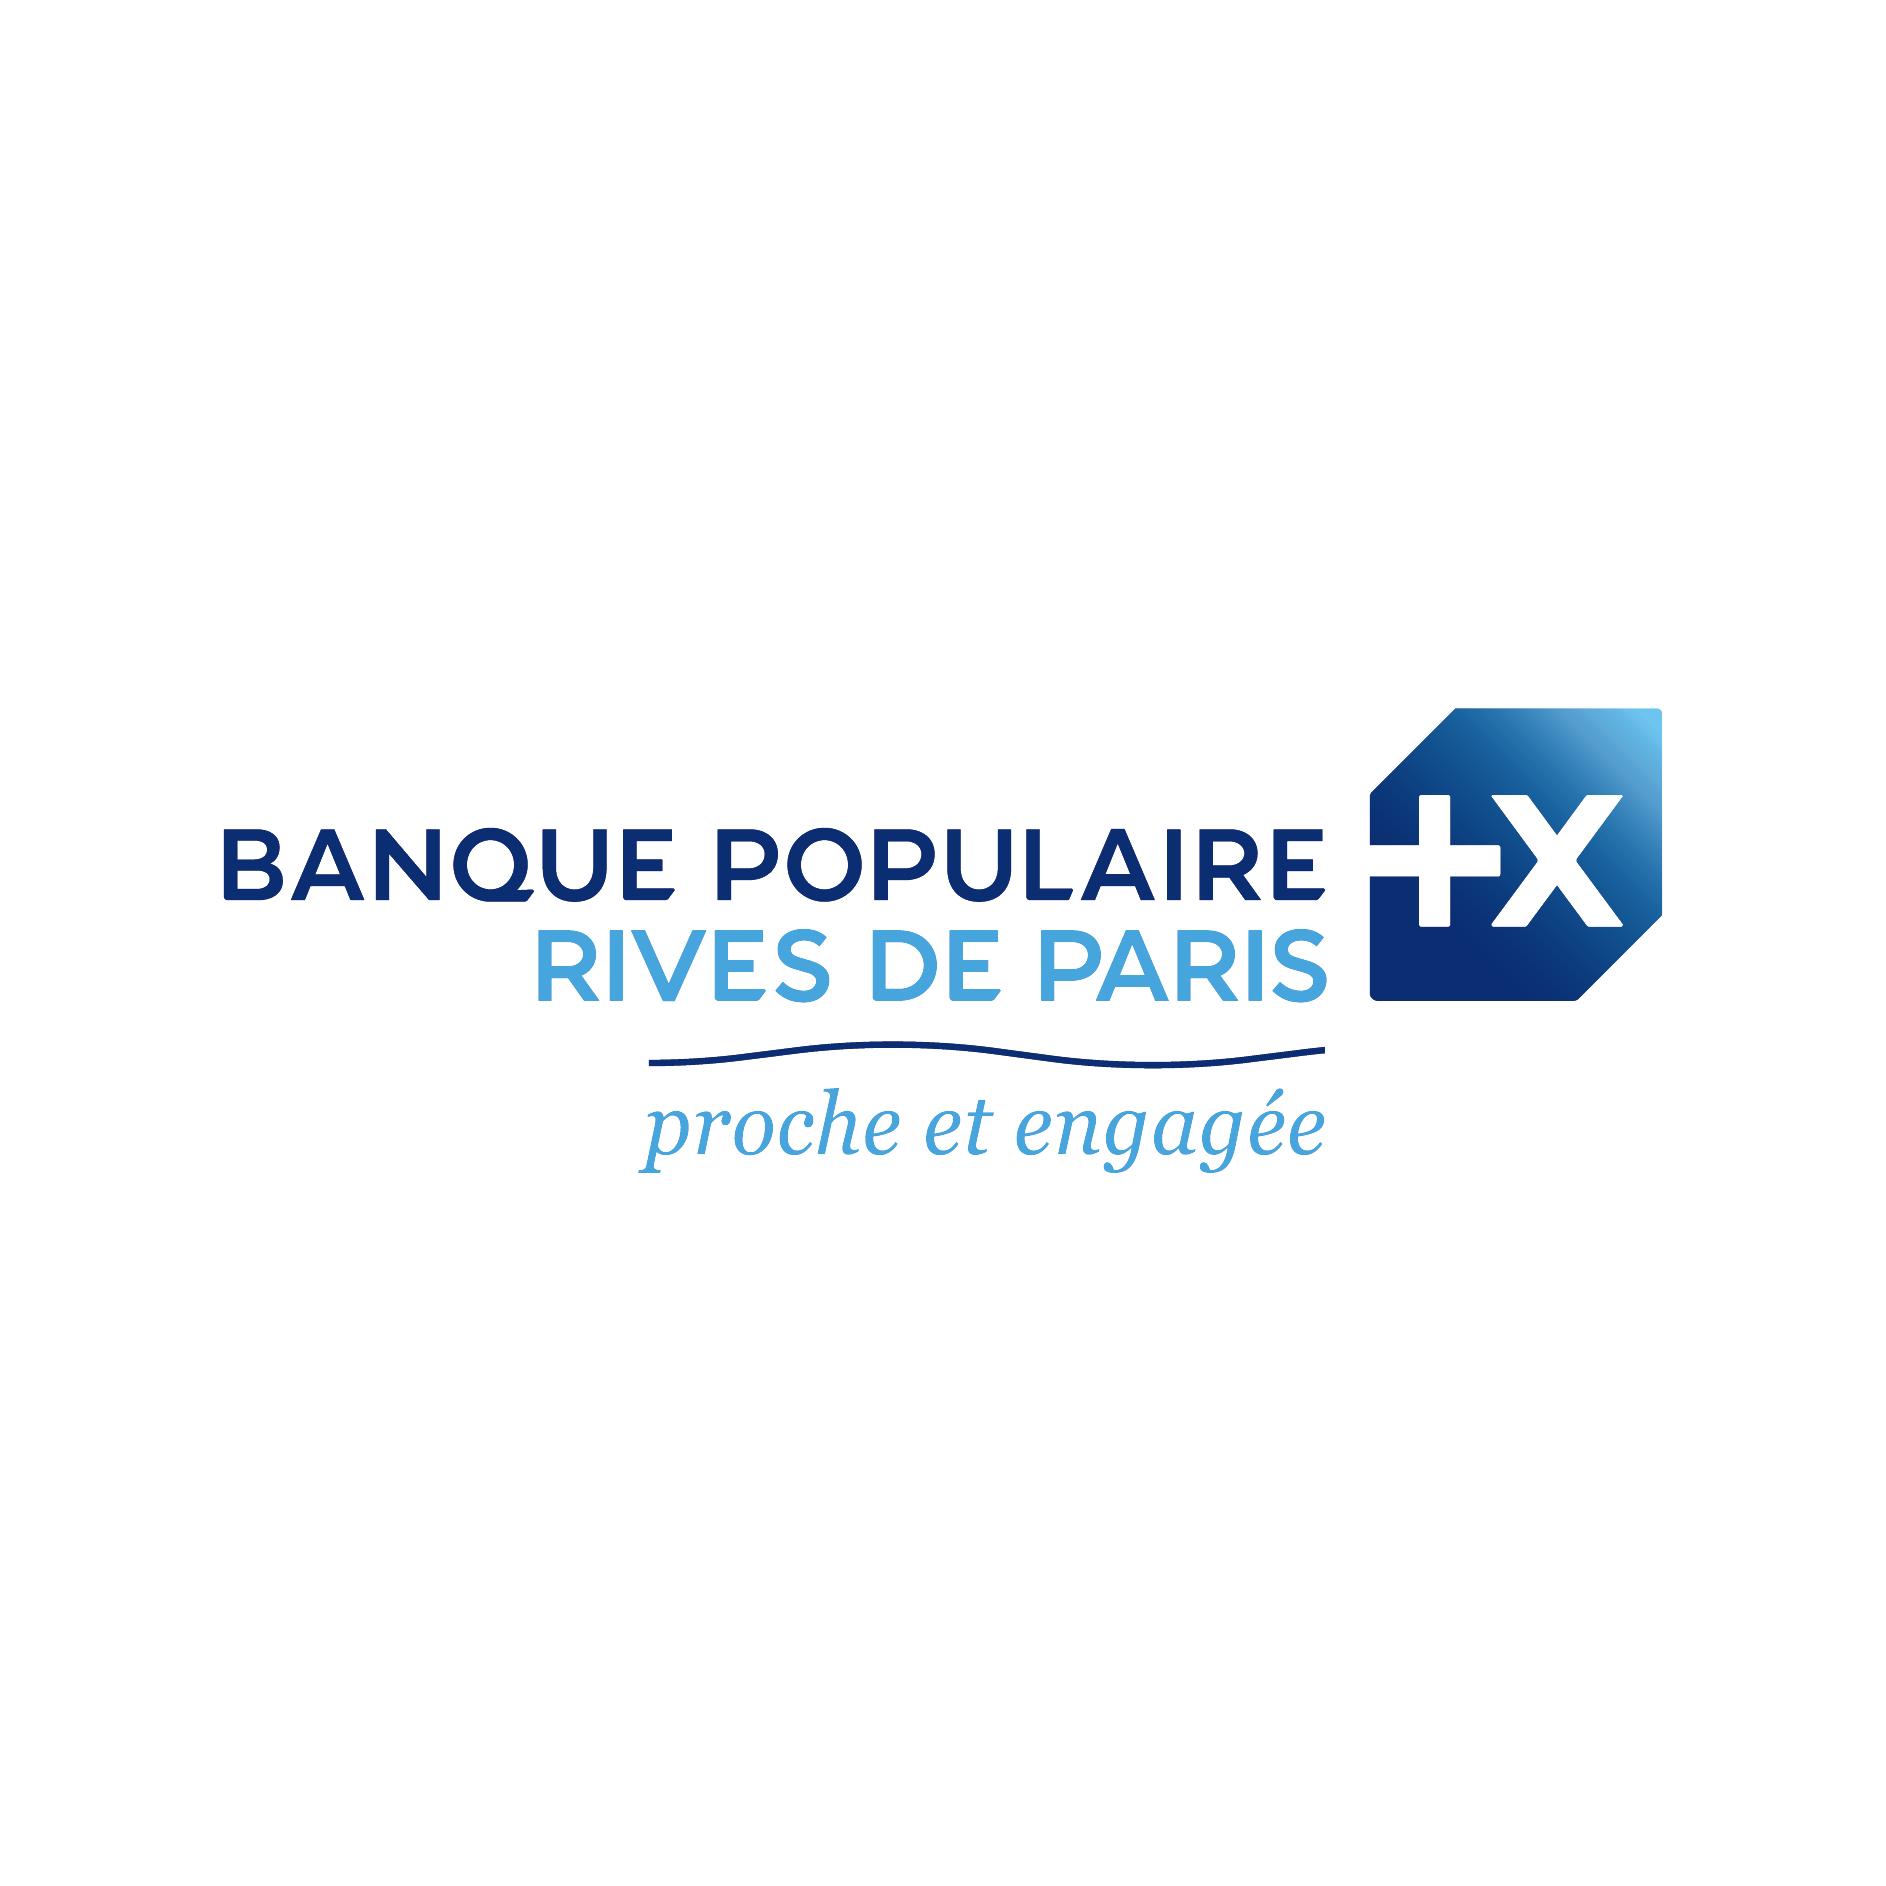 https://www.cpme-hautsdefrance.fr/wp-content/uploads/2021/03/BANQUE_POPULAIRE_RDP_LOGO_QUAD-2-LIGNES-DROITE-20.09.2018-01-site.png